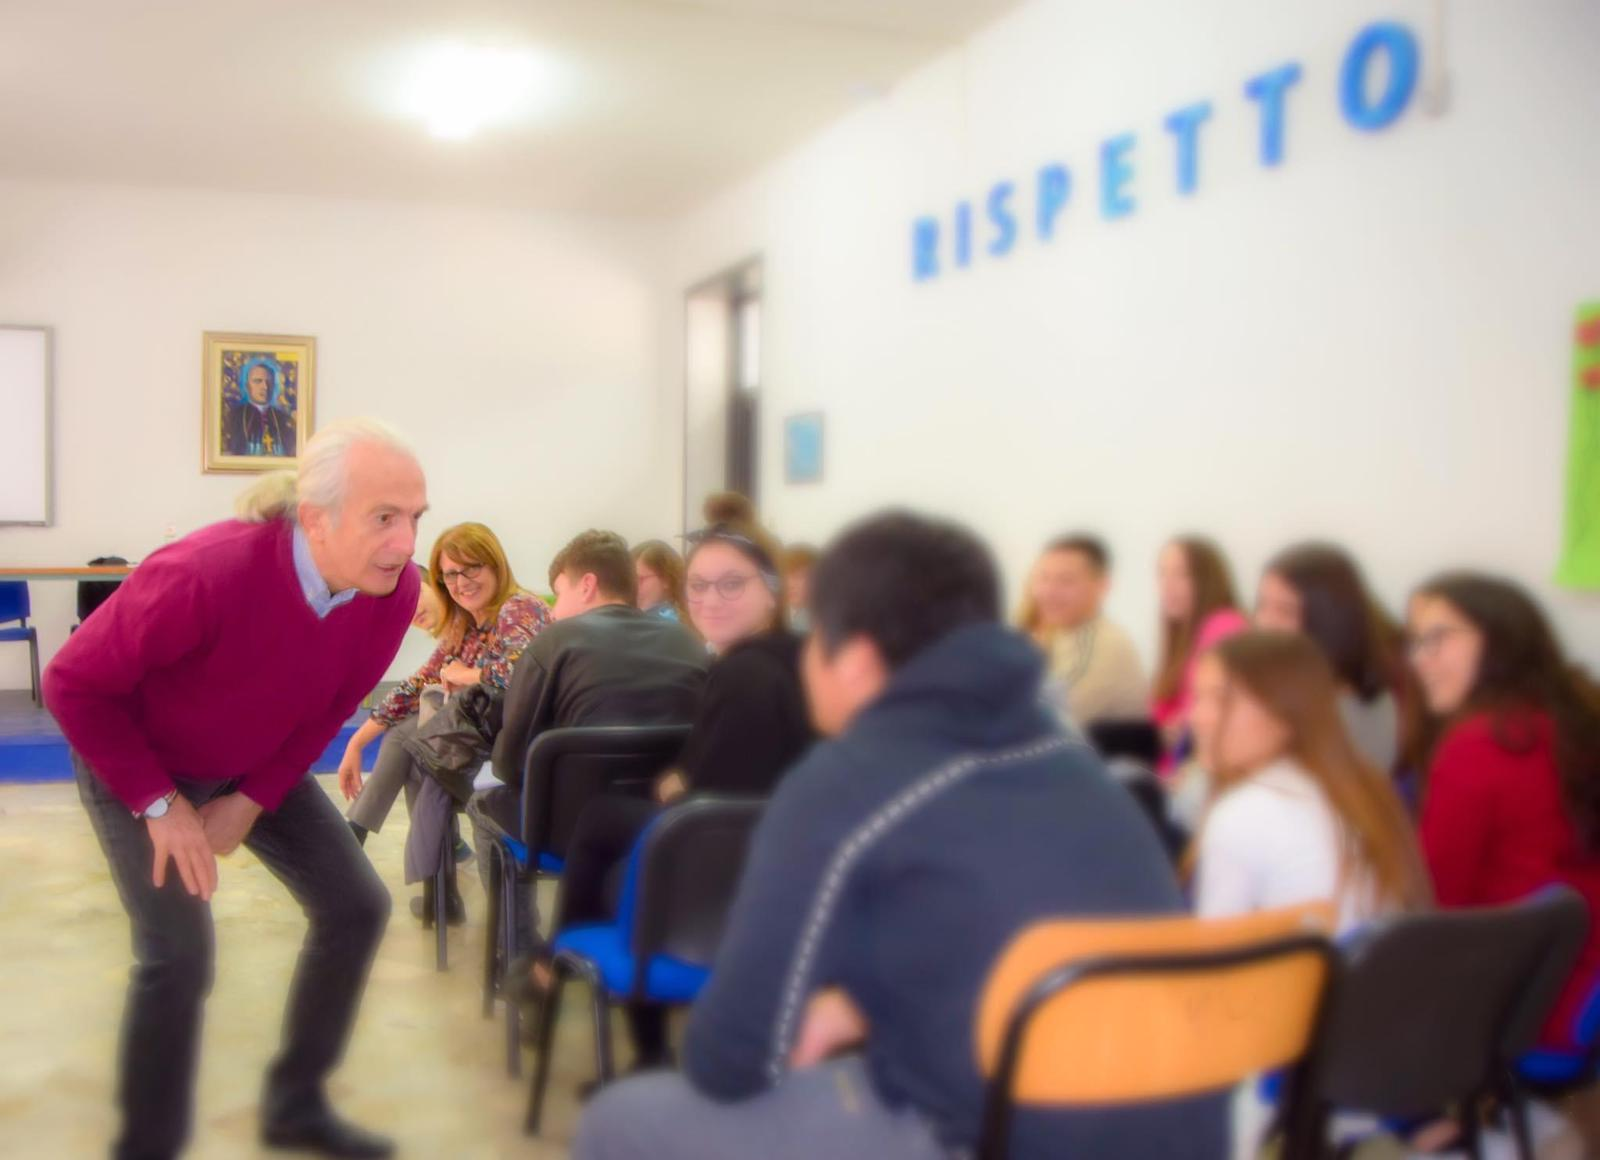 Settimana della creatività - Incontro con il Prof.Paolo Apolito